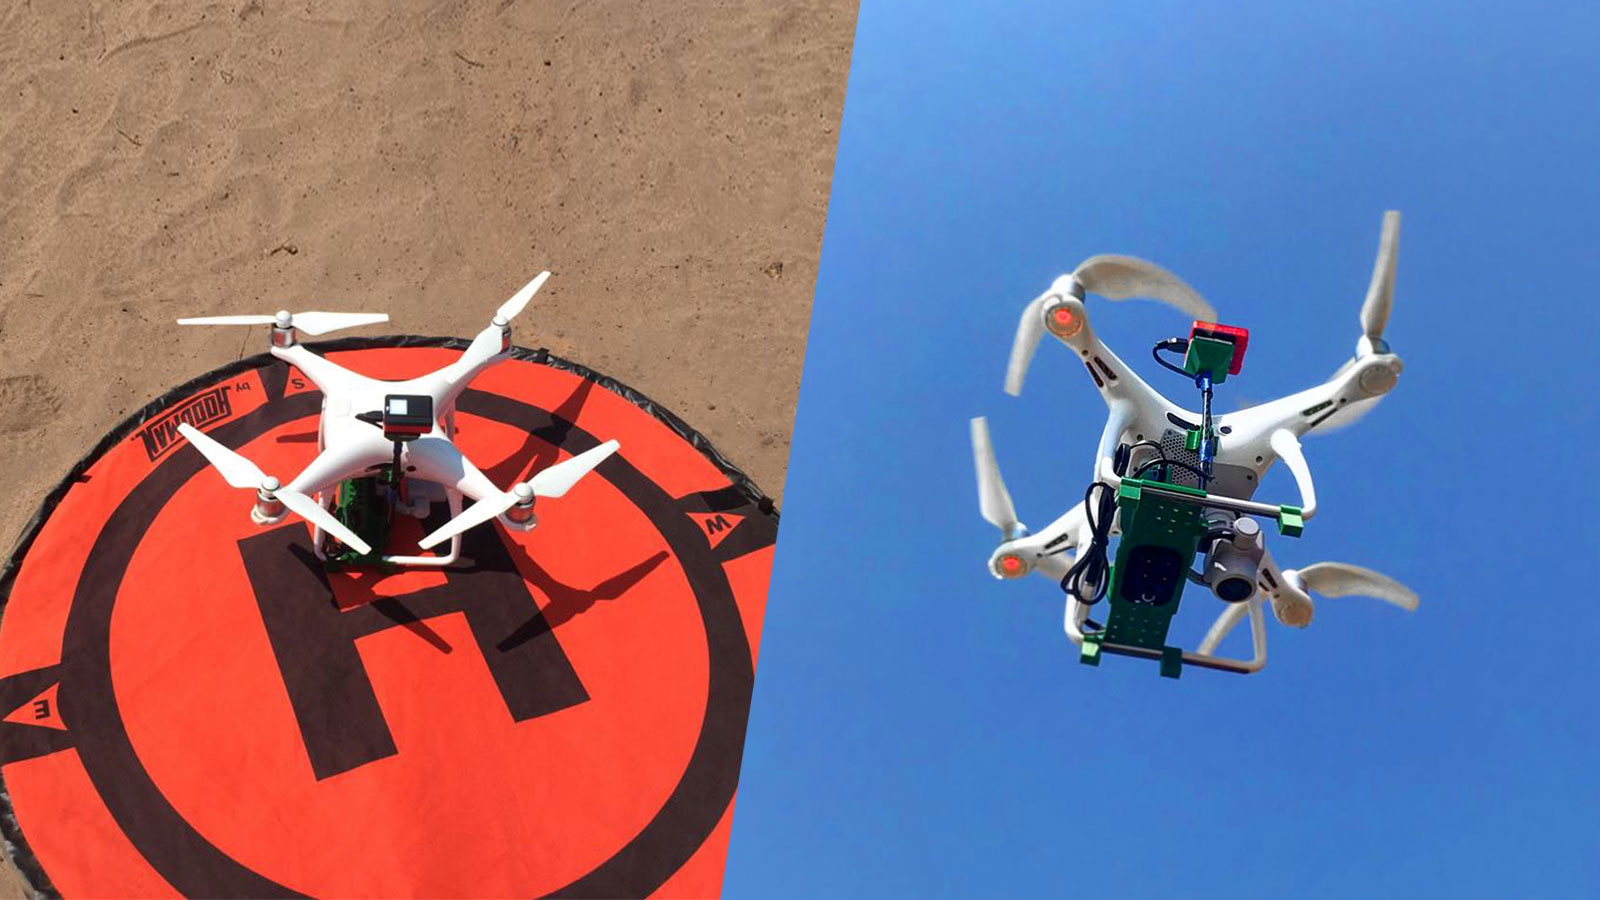 El equipo de CoatzaDrone capturó y procesó imágenes RGB y multiespectrales con el DJI Phantom 4 Pro montado con la cámara Parrot Sequoia